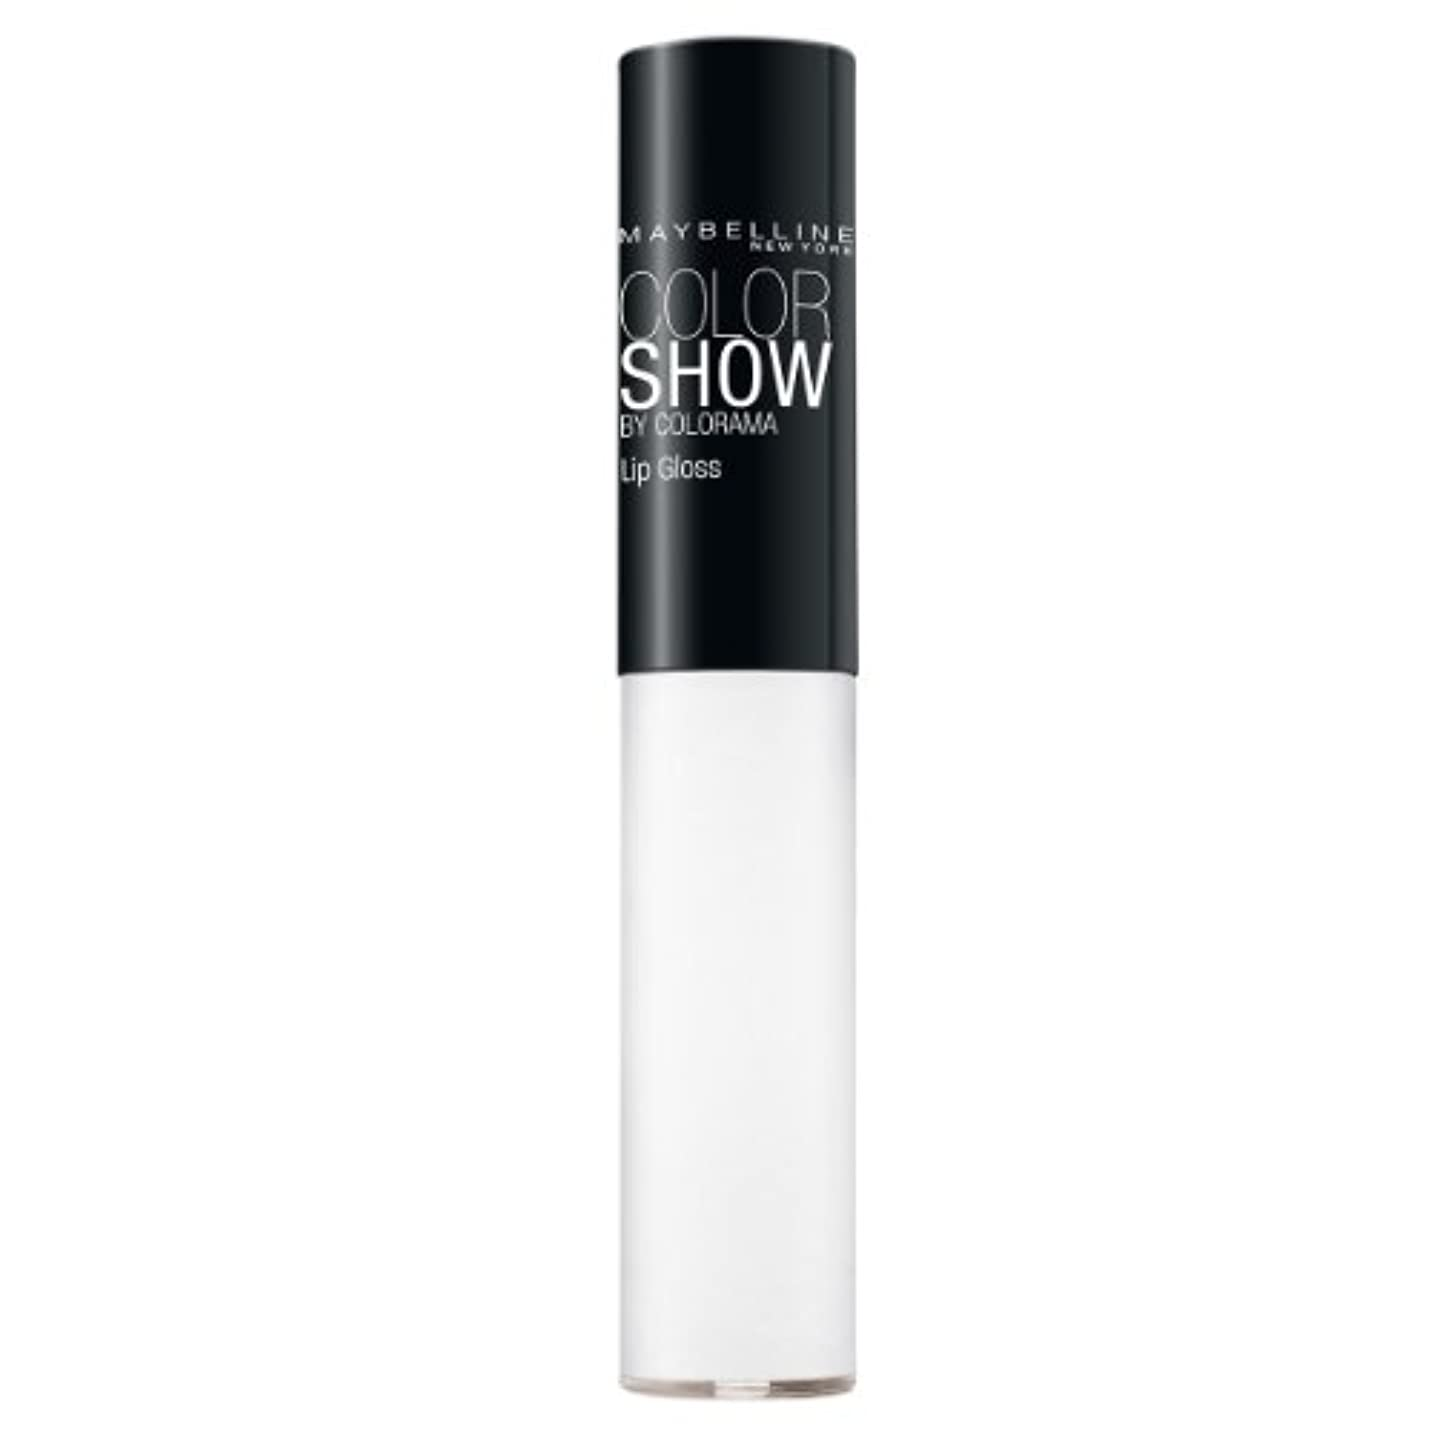 発音アグネスグレイメロンMaybelline New York Color Show Lipgloss, 150 Crystal Clear, 1er Pack (1 x 5 ml)